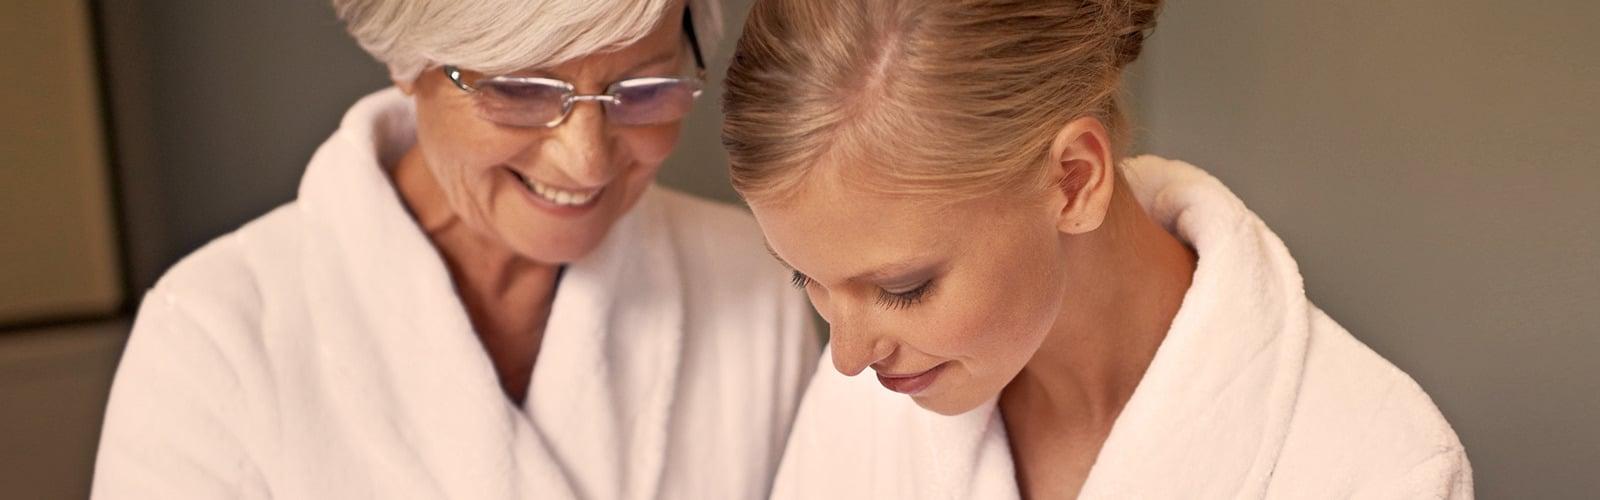 ômega 3 ajuda a melhorar os sintomas da menstruação e menopausa